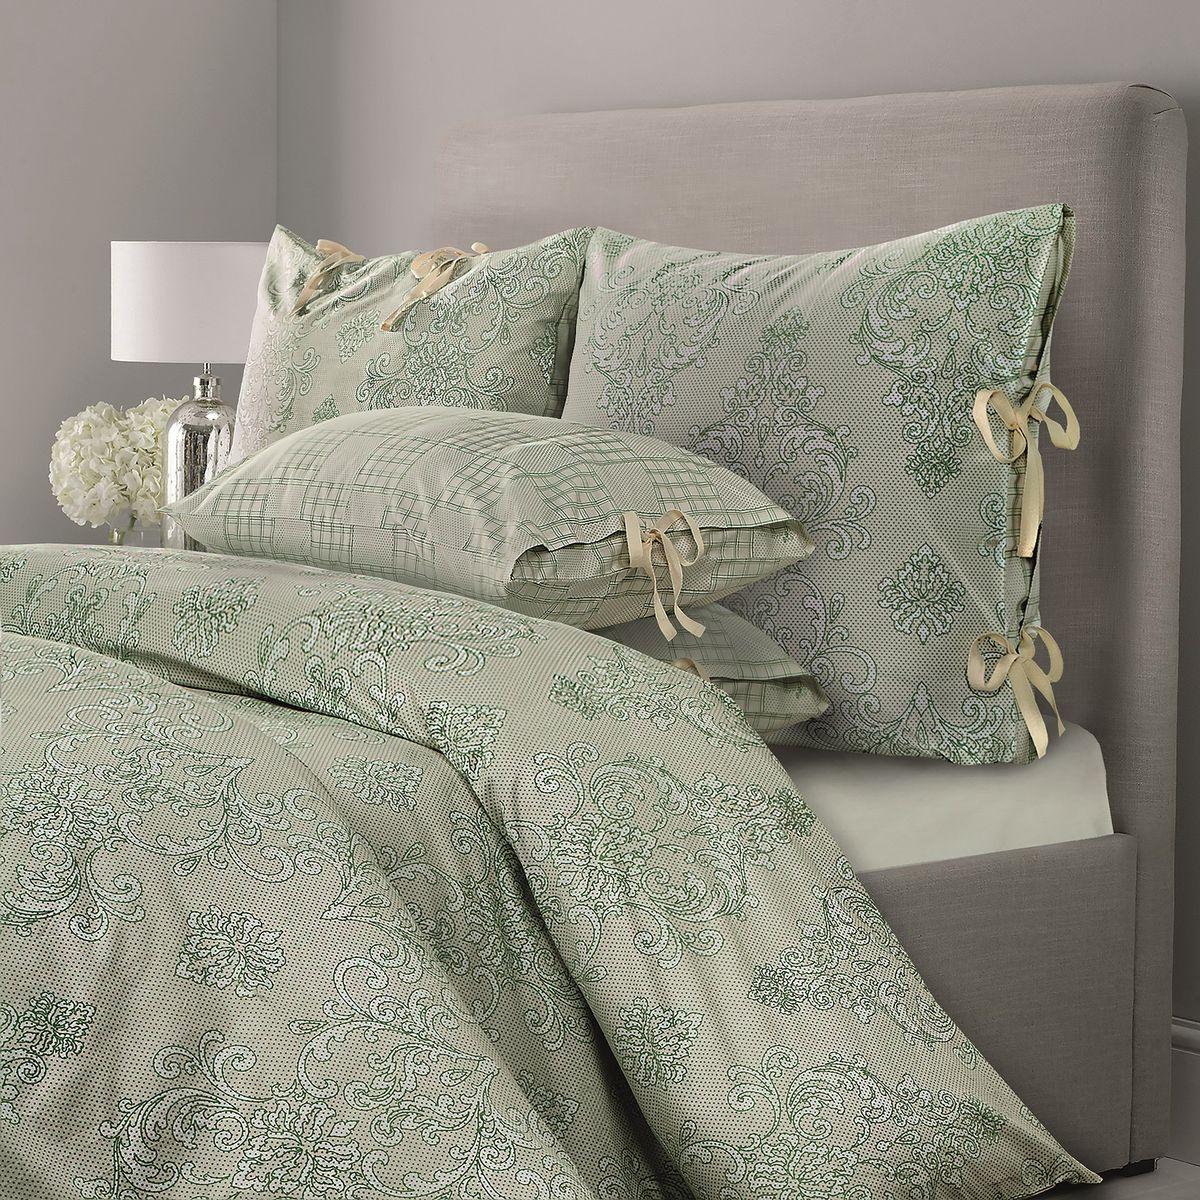 Комплект белья Mona Liza Chalet, семейный, наволочки 70x70, цвет: бархатный серый5760/4Комплекты постельного белья, подушки и одеяла выполнены в современном евростиле. Лаконичность рисунка, сдержанный колорит, элегантность, легкость и благородство — вот основные отличия CHALET. Трендовые полутона действуют расслабляющее и умиротворяюще, Ваш интерьер получится мягким, теплым, «припудренным», в нем будут царить уют и спокойствие.